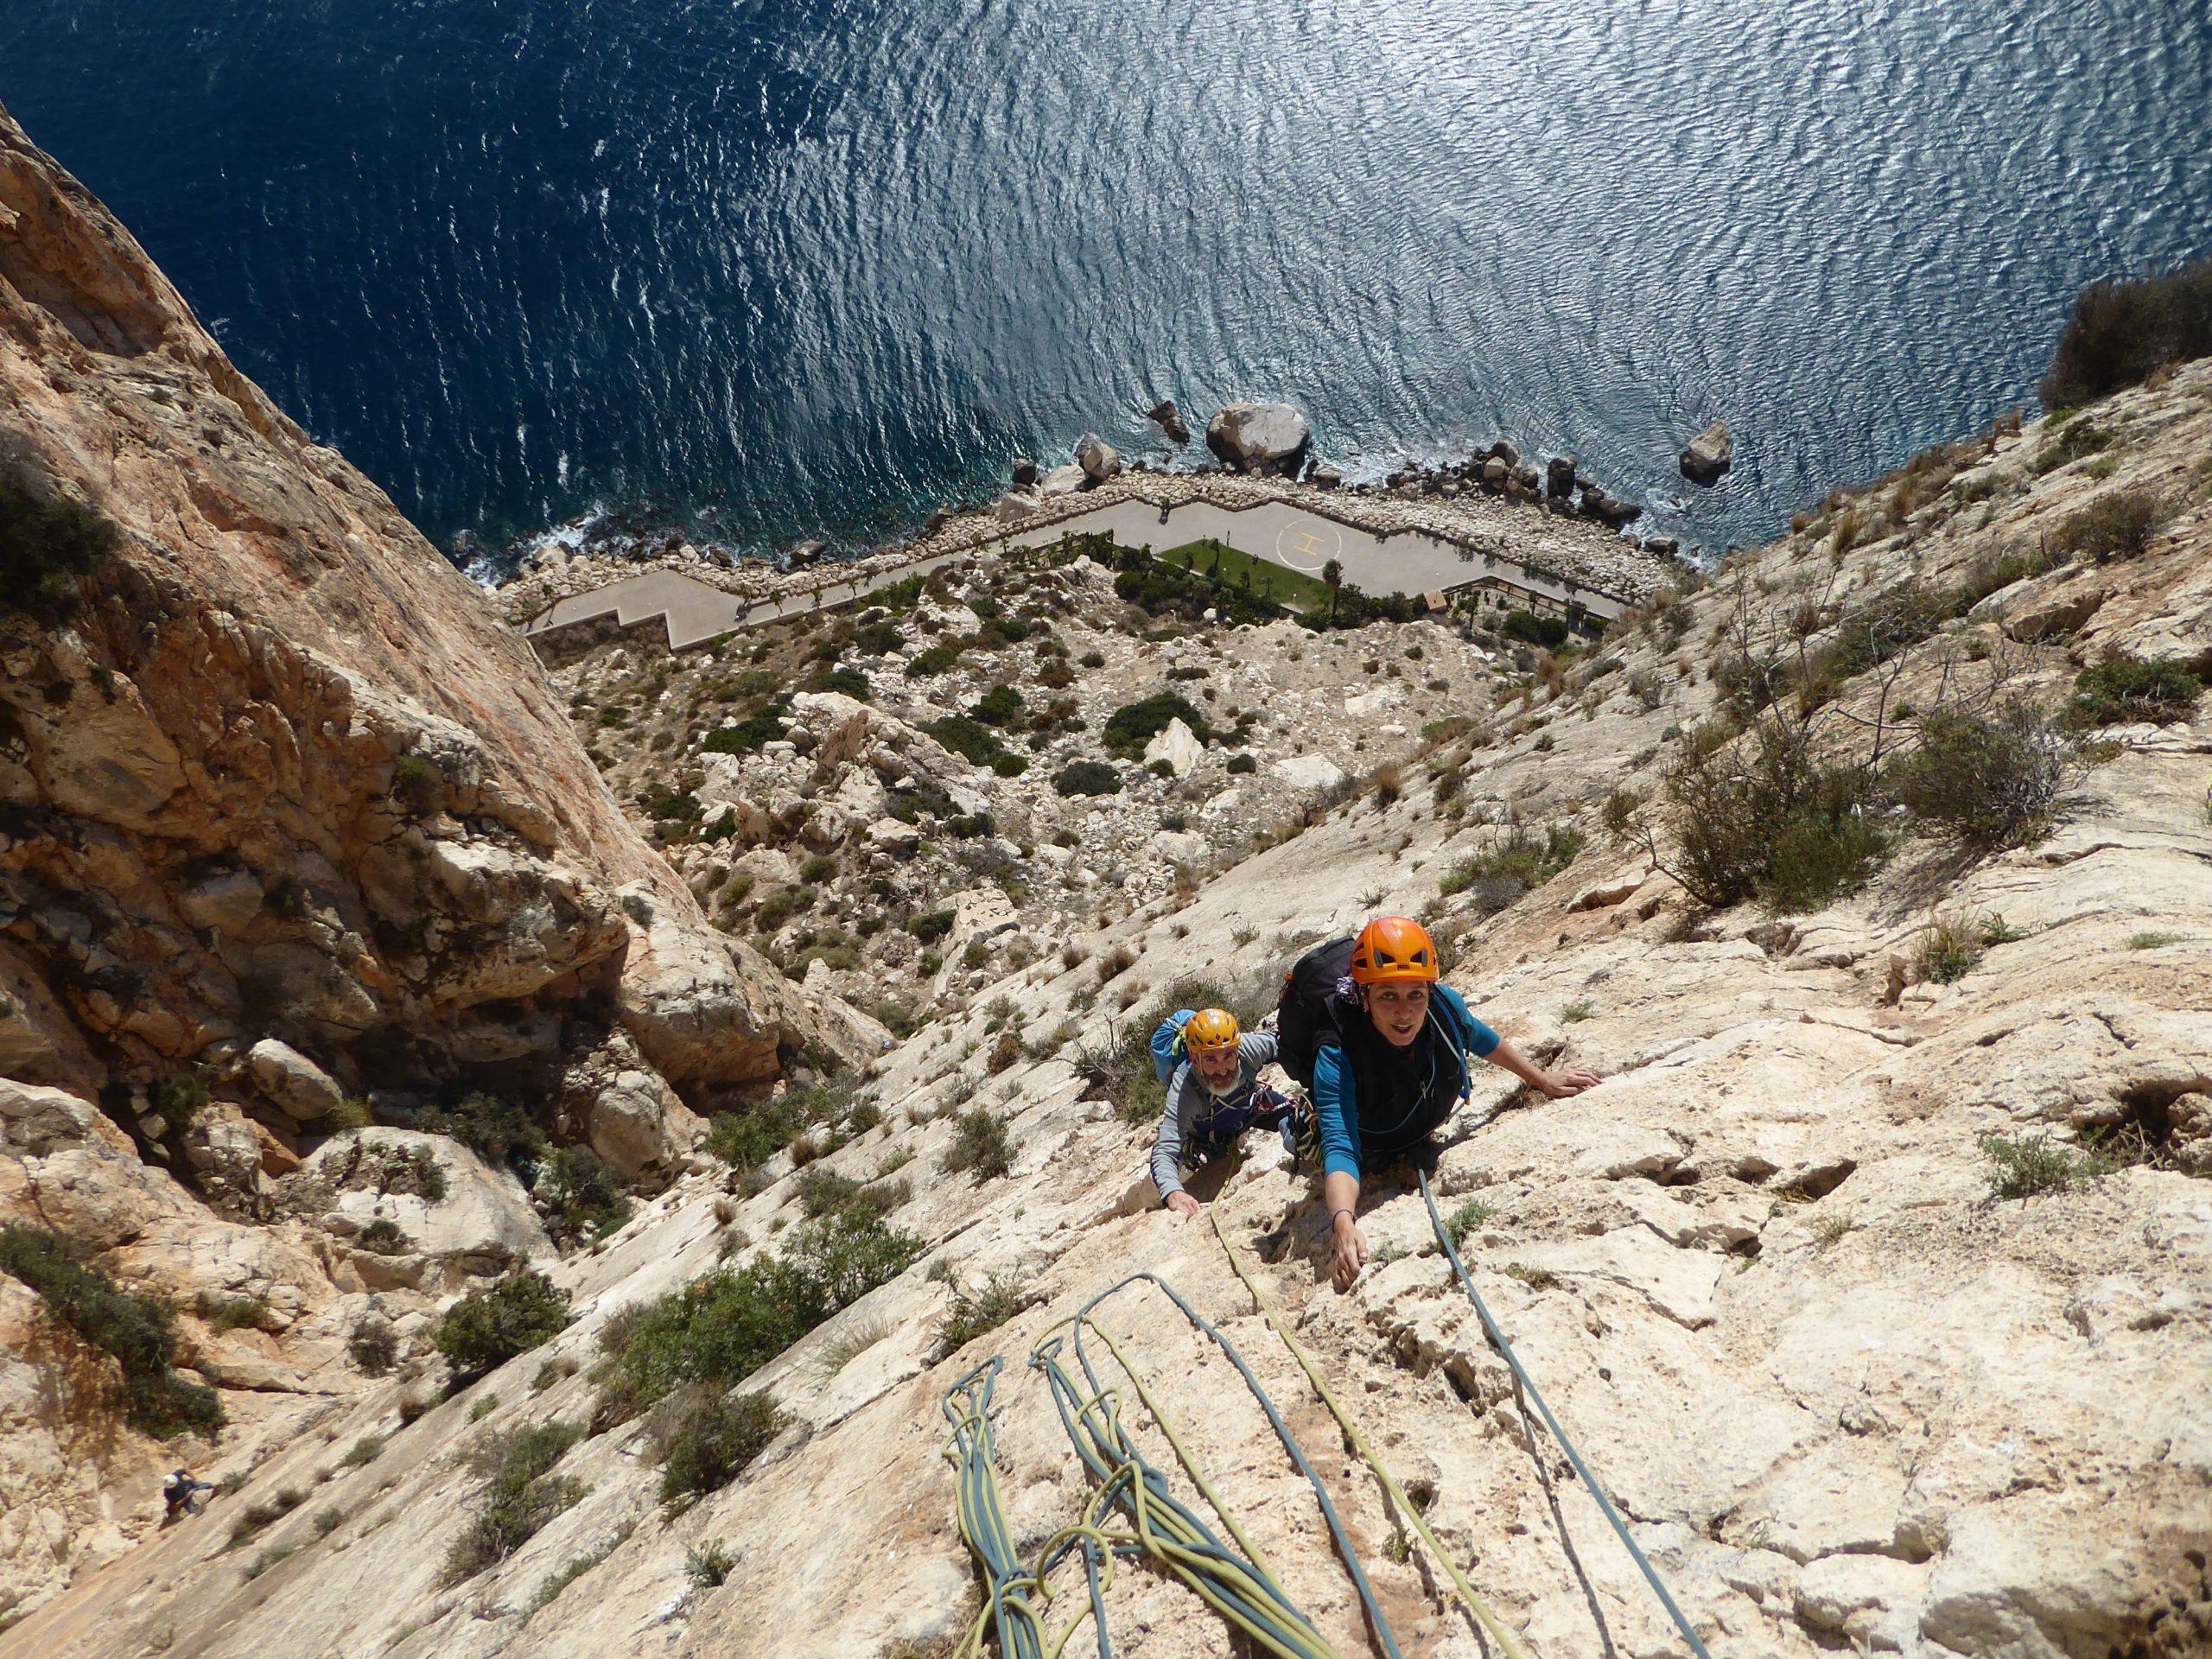 Escaladas en Levante. Peñón de Ifach y Aguja Encantada del Puig Campana